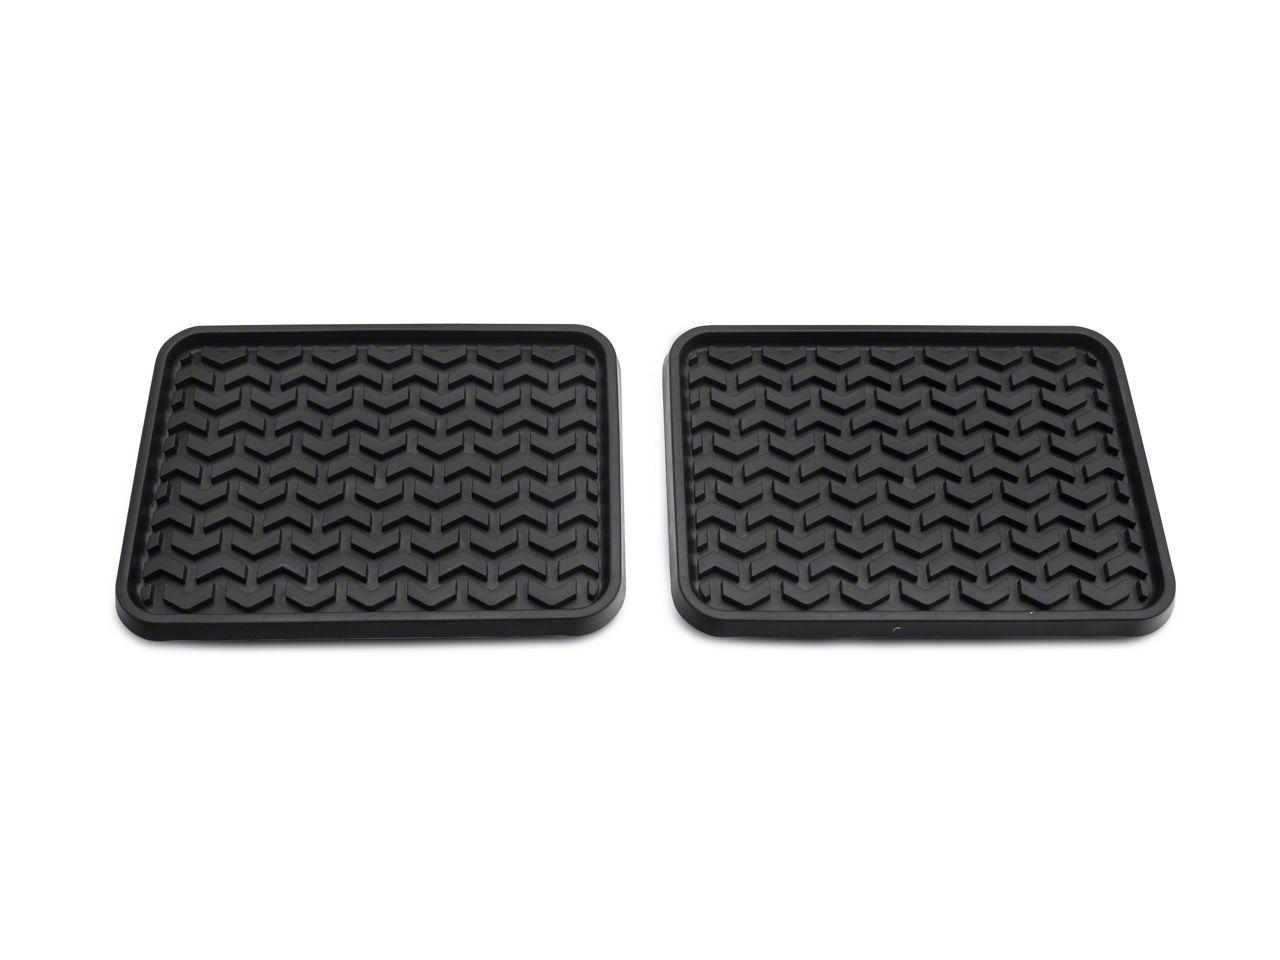 Rugged Ridge Rear Floor Liners - Black (02-18 RAM 1500 Quad Cab, Crew Cab, Mega Cab)